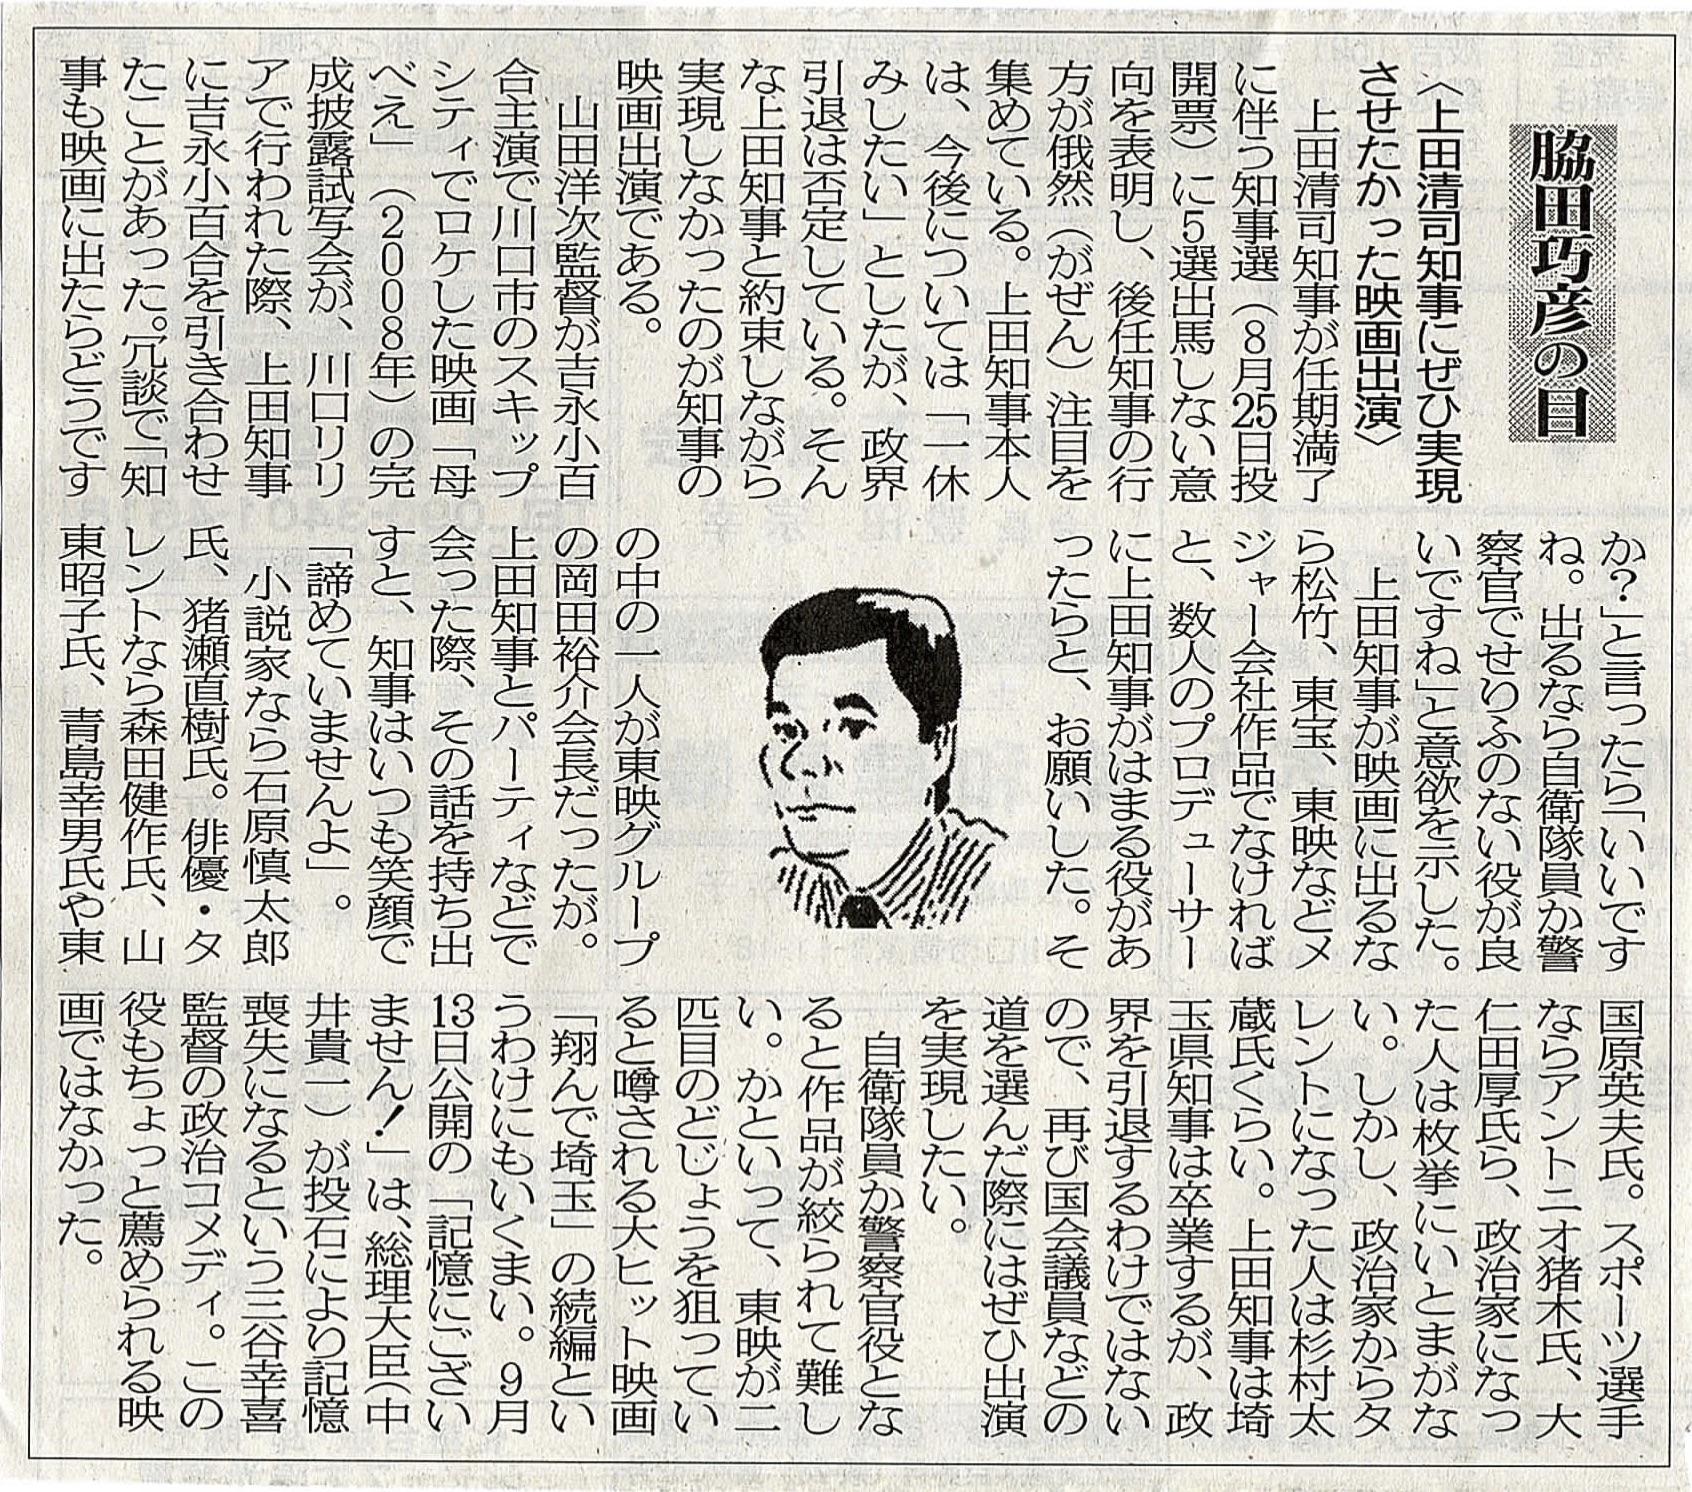 2019年06月28日 上田清司知事にぜひ実現させたかった映画出演